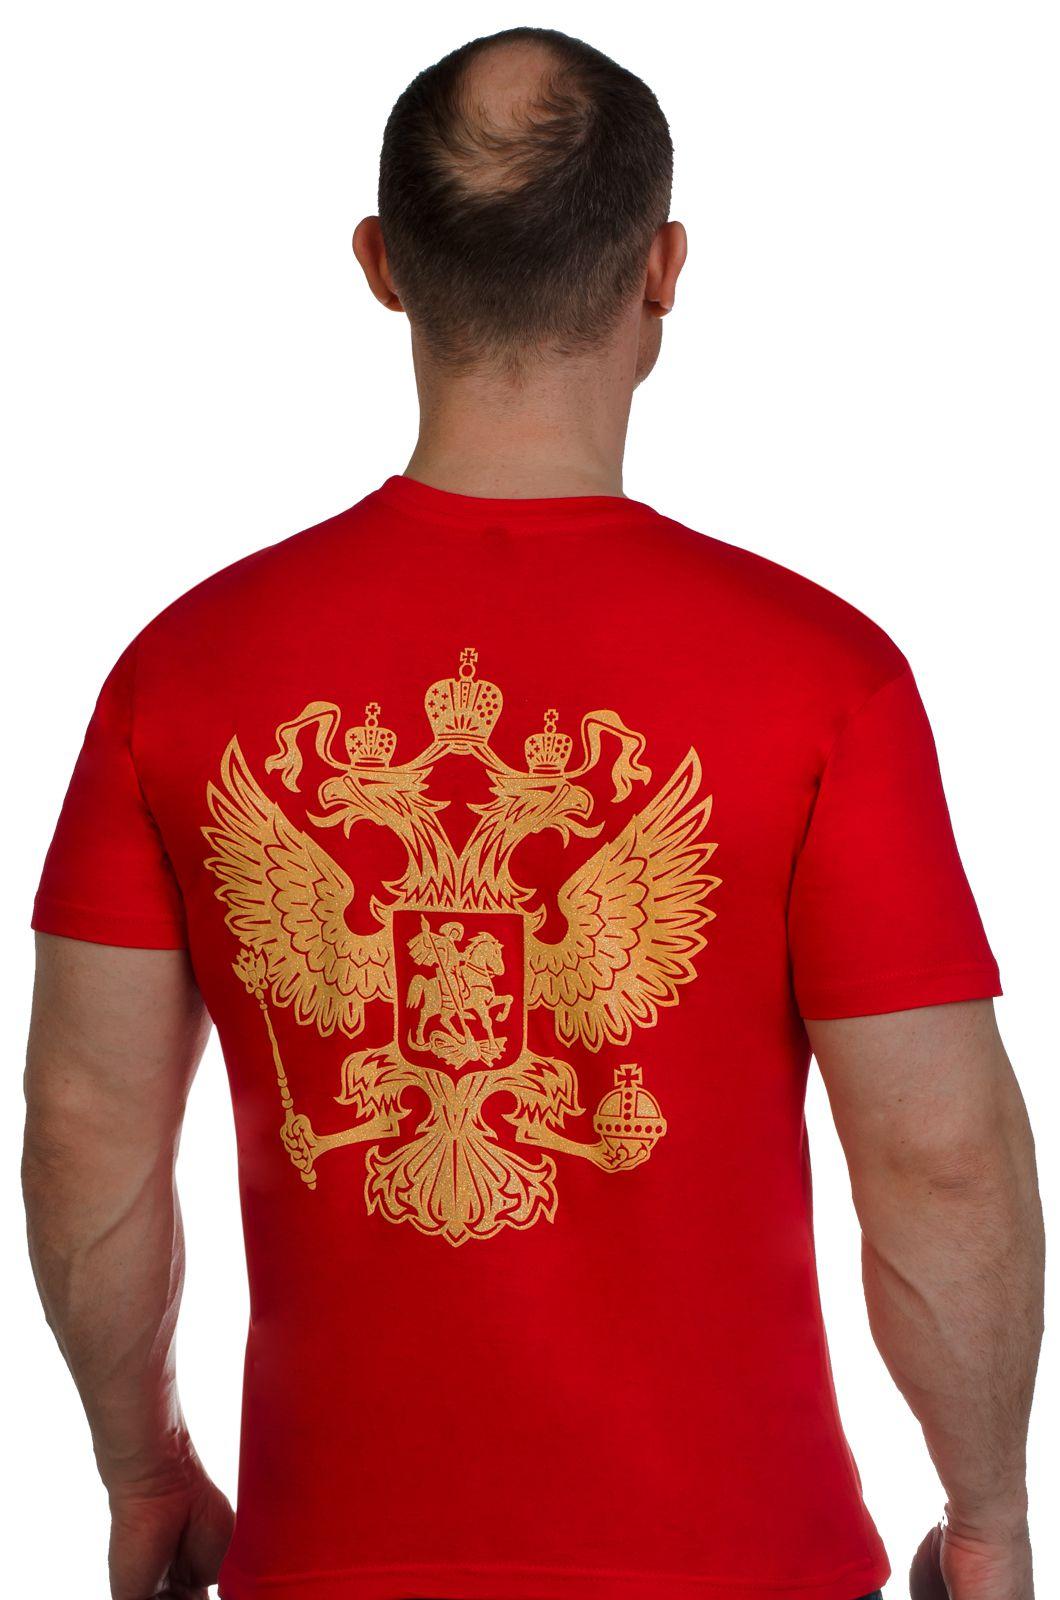 Футболка Россия по лучшей цене